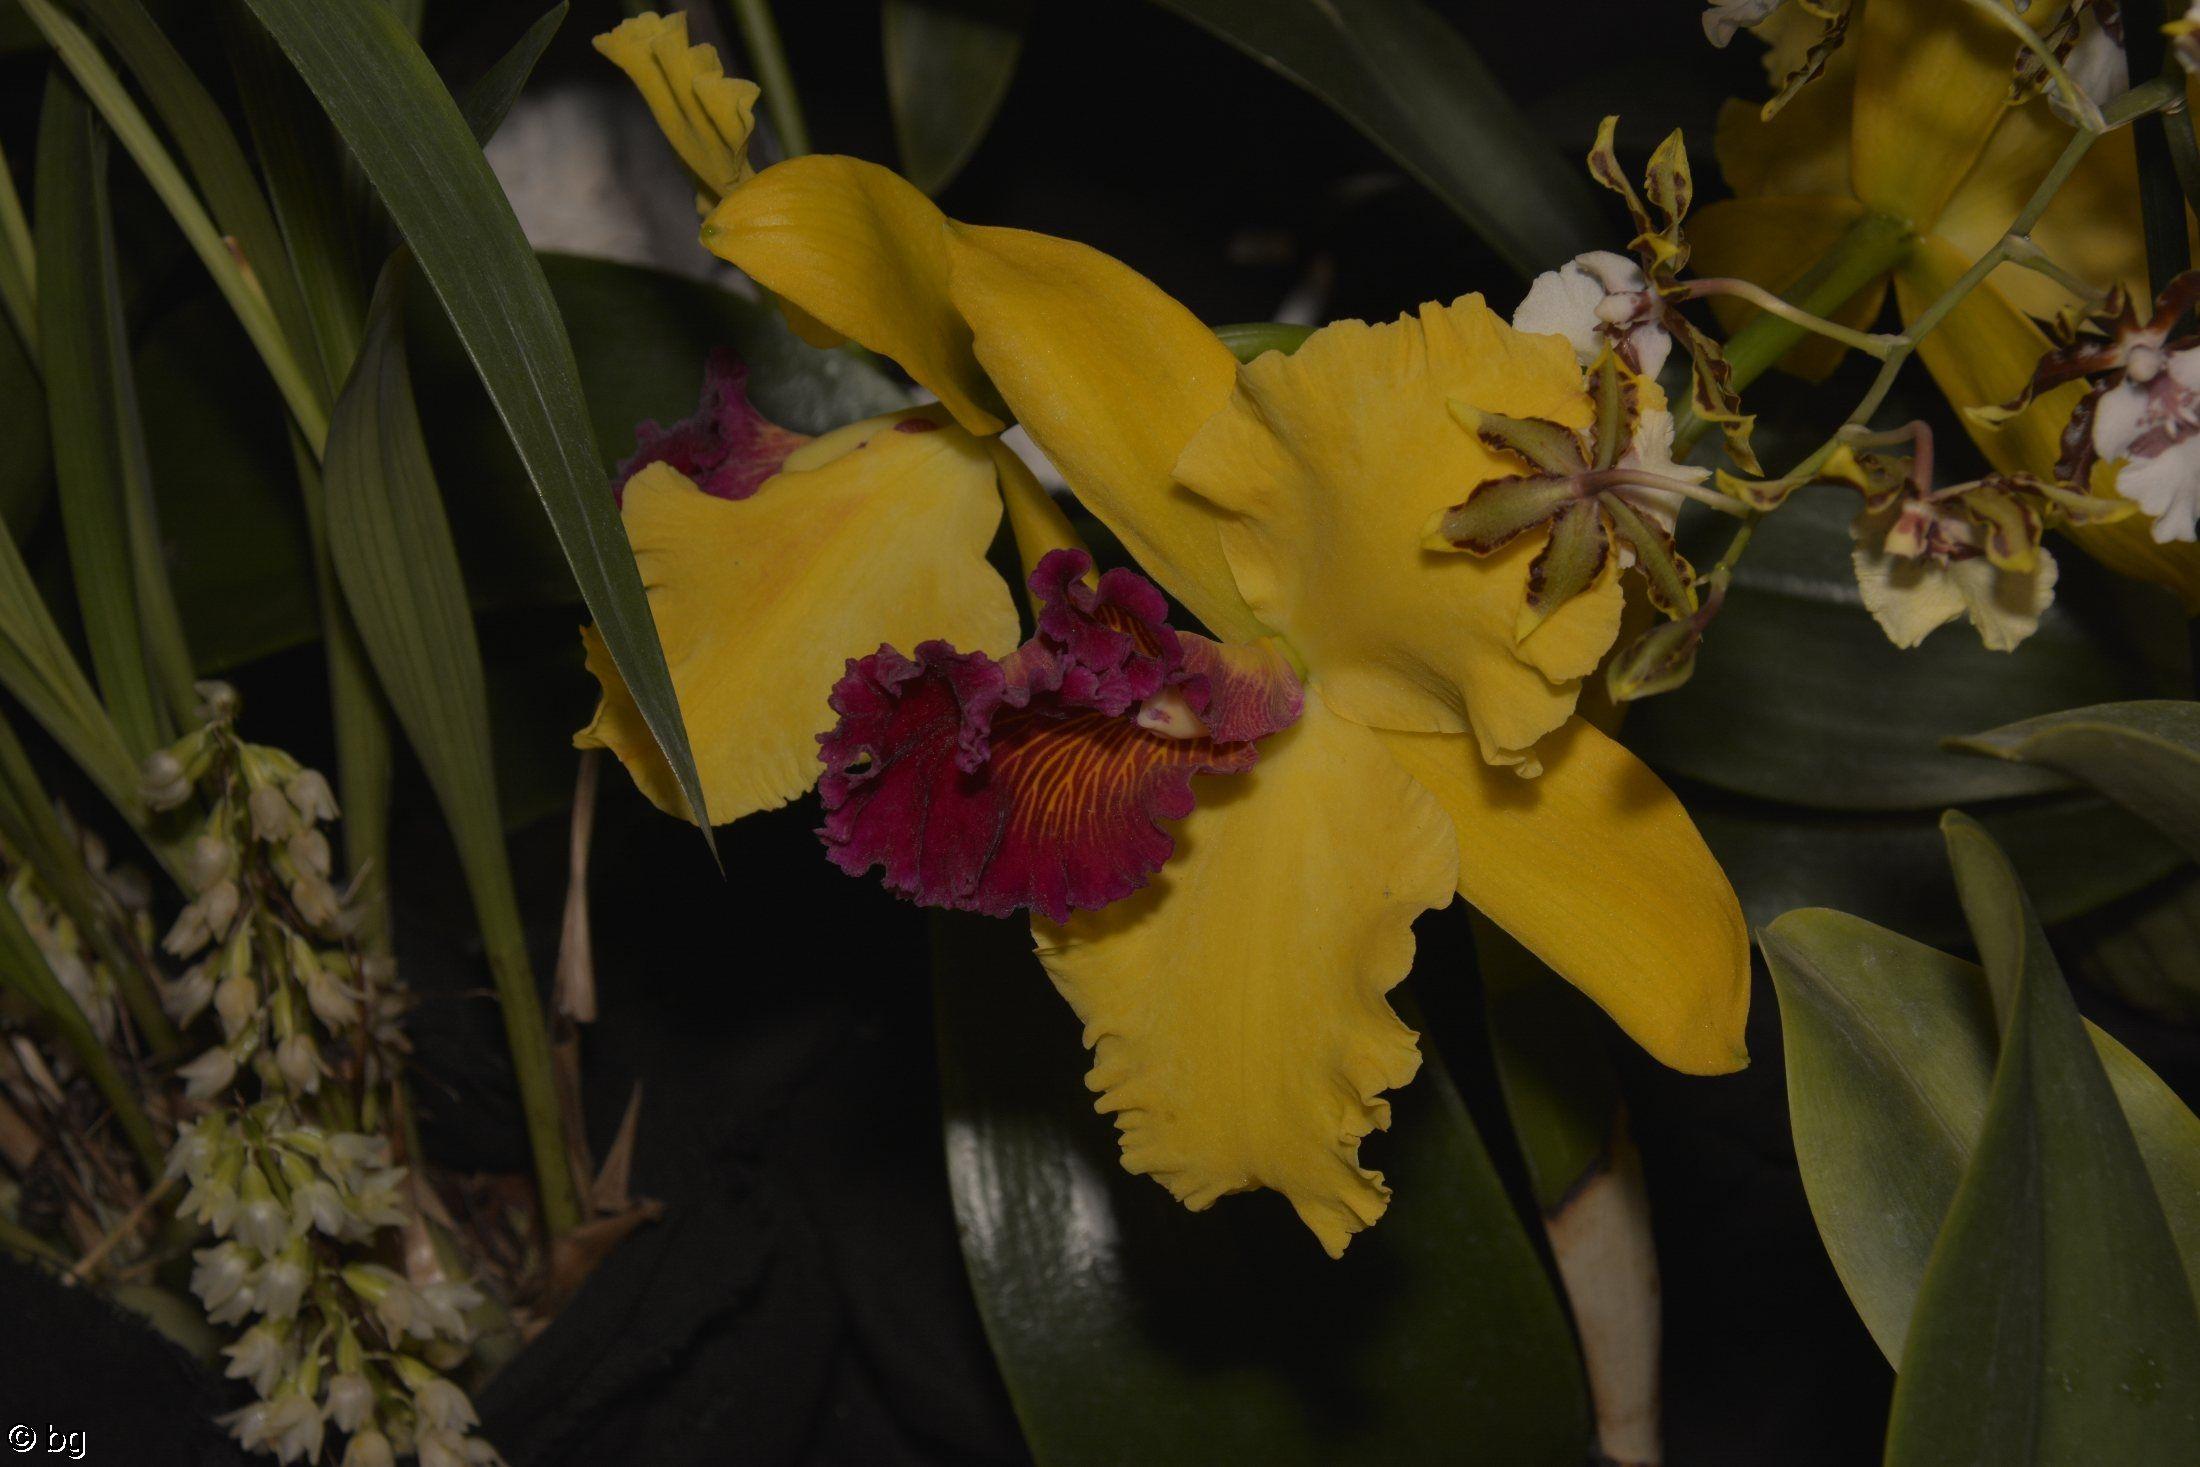 des-orchidees-rares-jaune